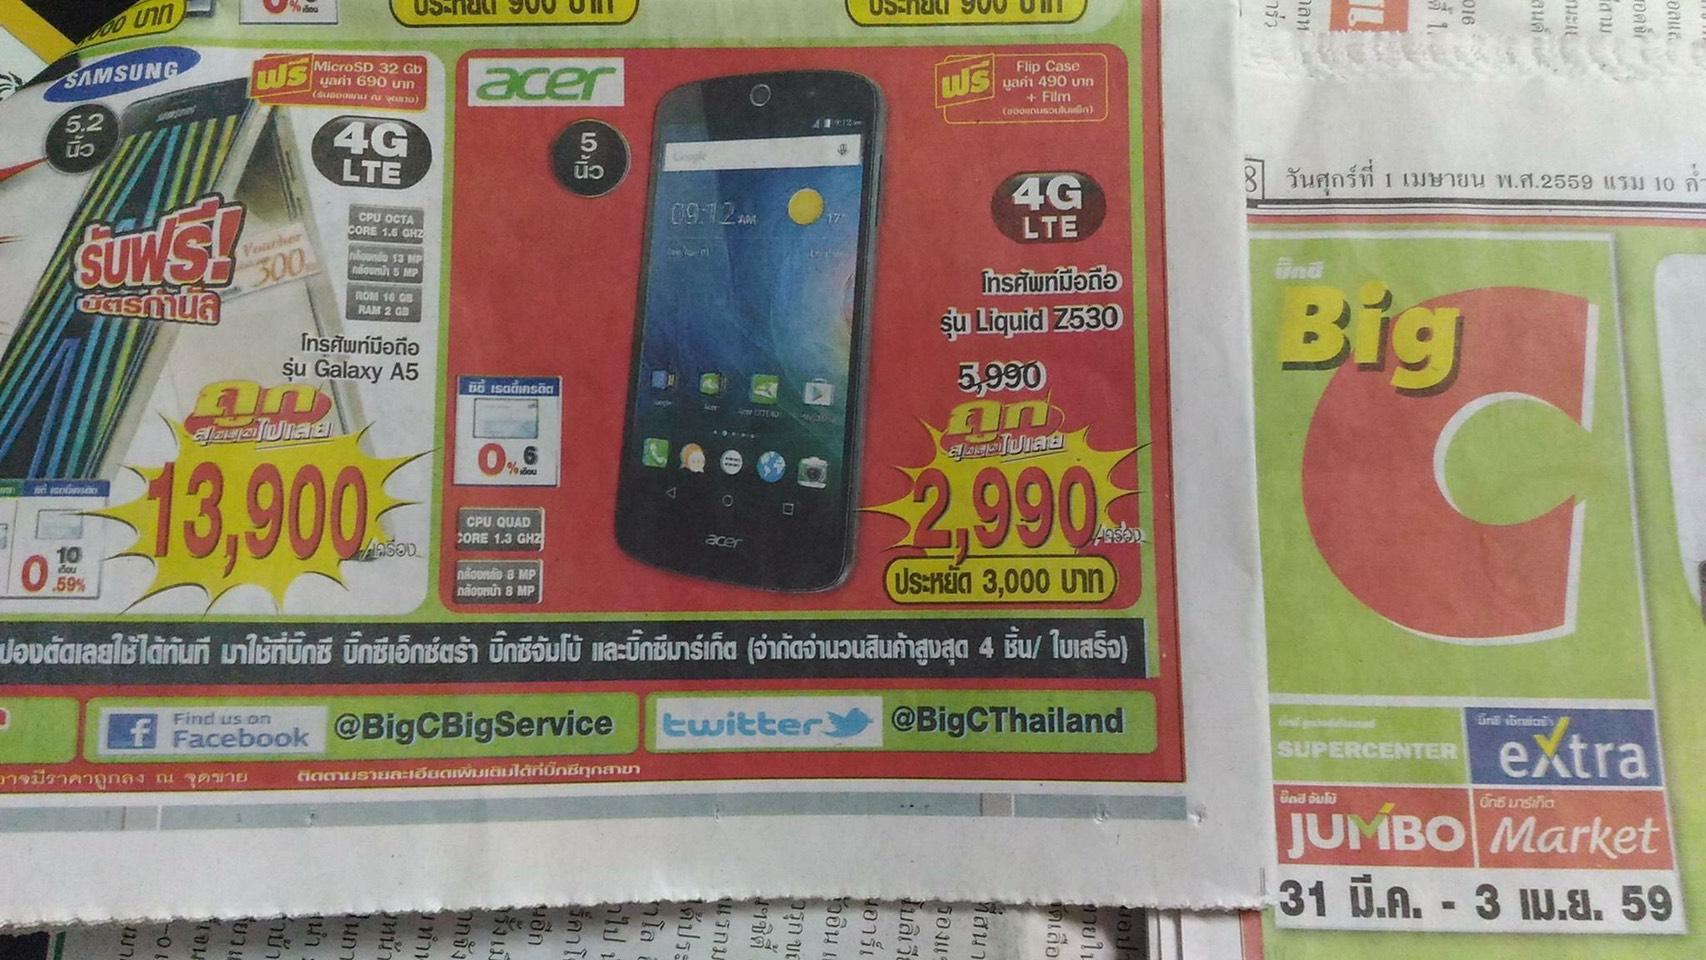 Acer-Liquid-Z530-Sale-at-Big-C-002